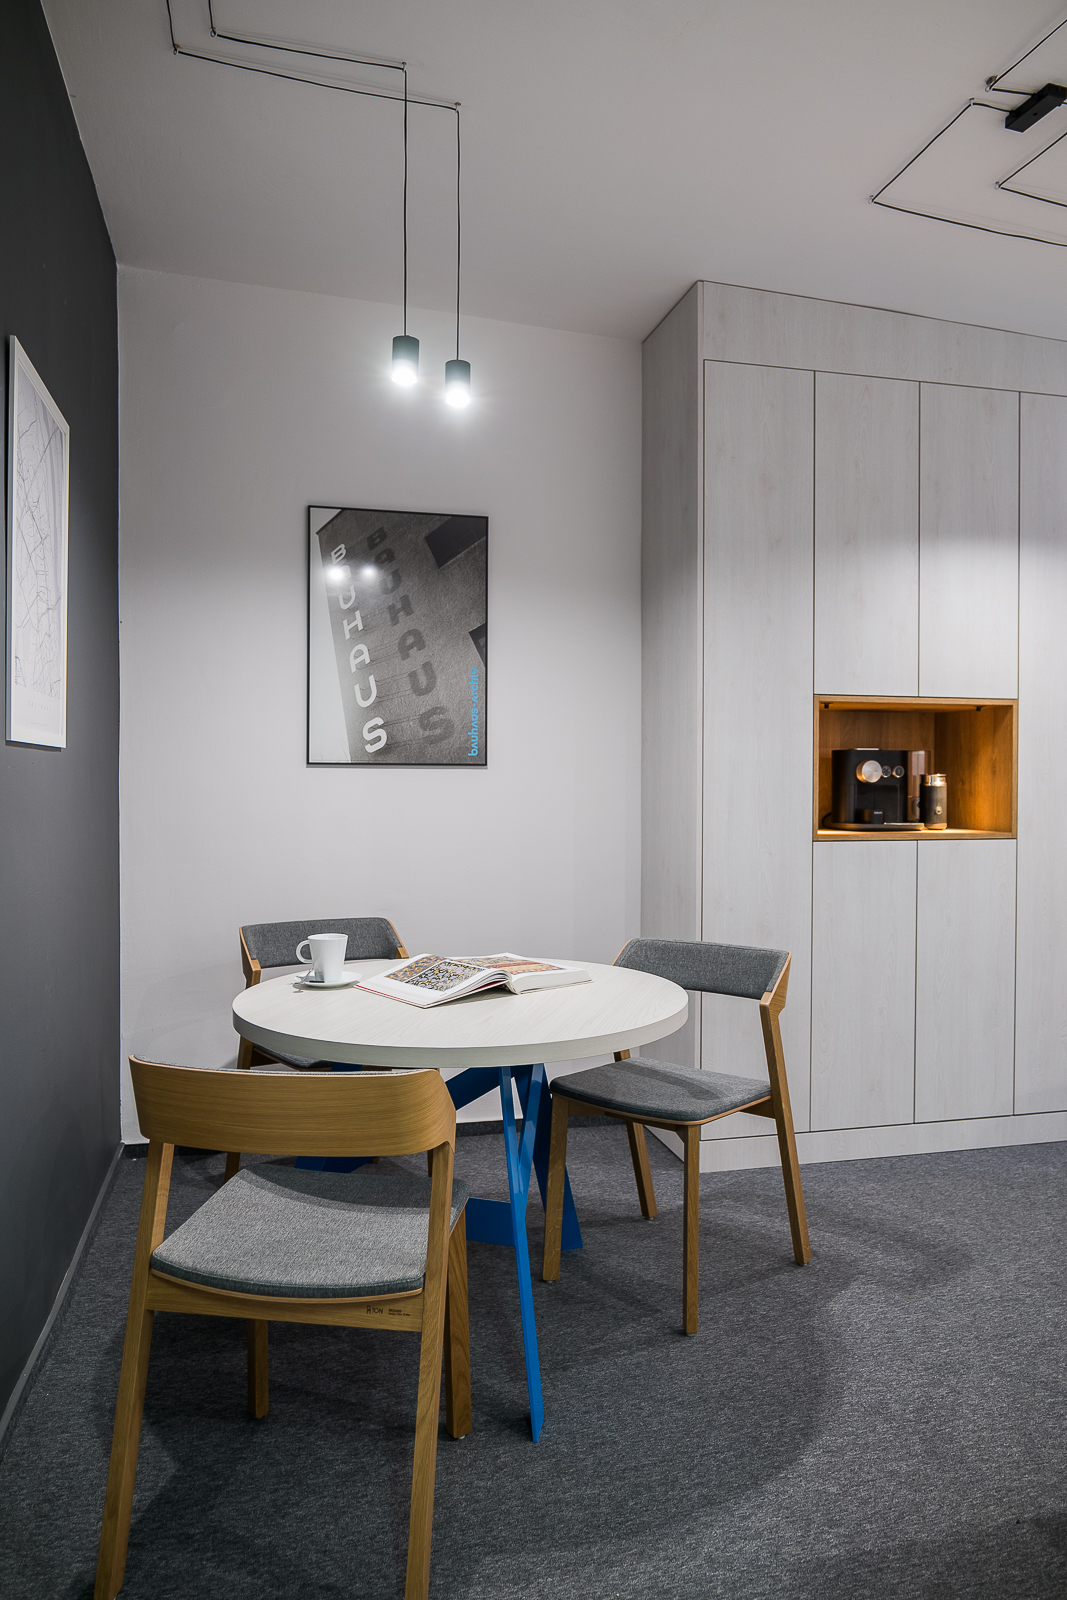 meble biurowe okrągły stolik krzesła ton tapicerowane plakaty Bauhaus lampy regał biurowy